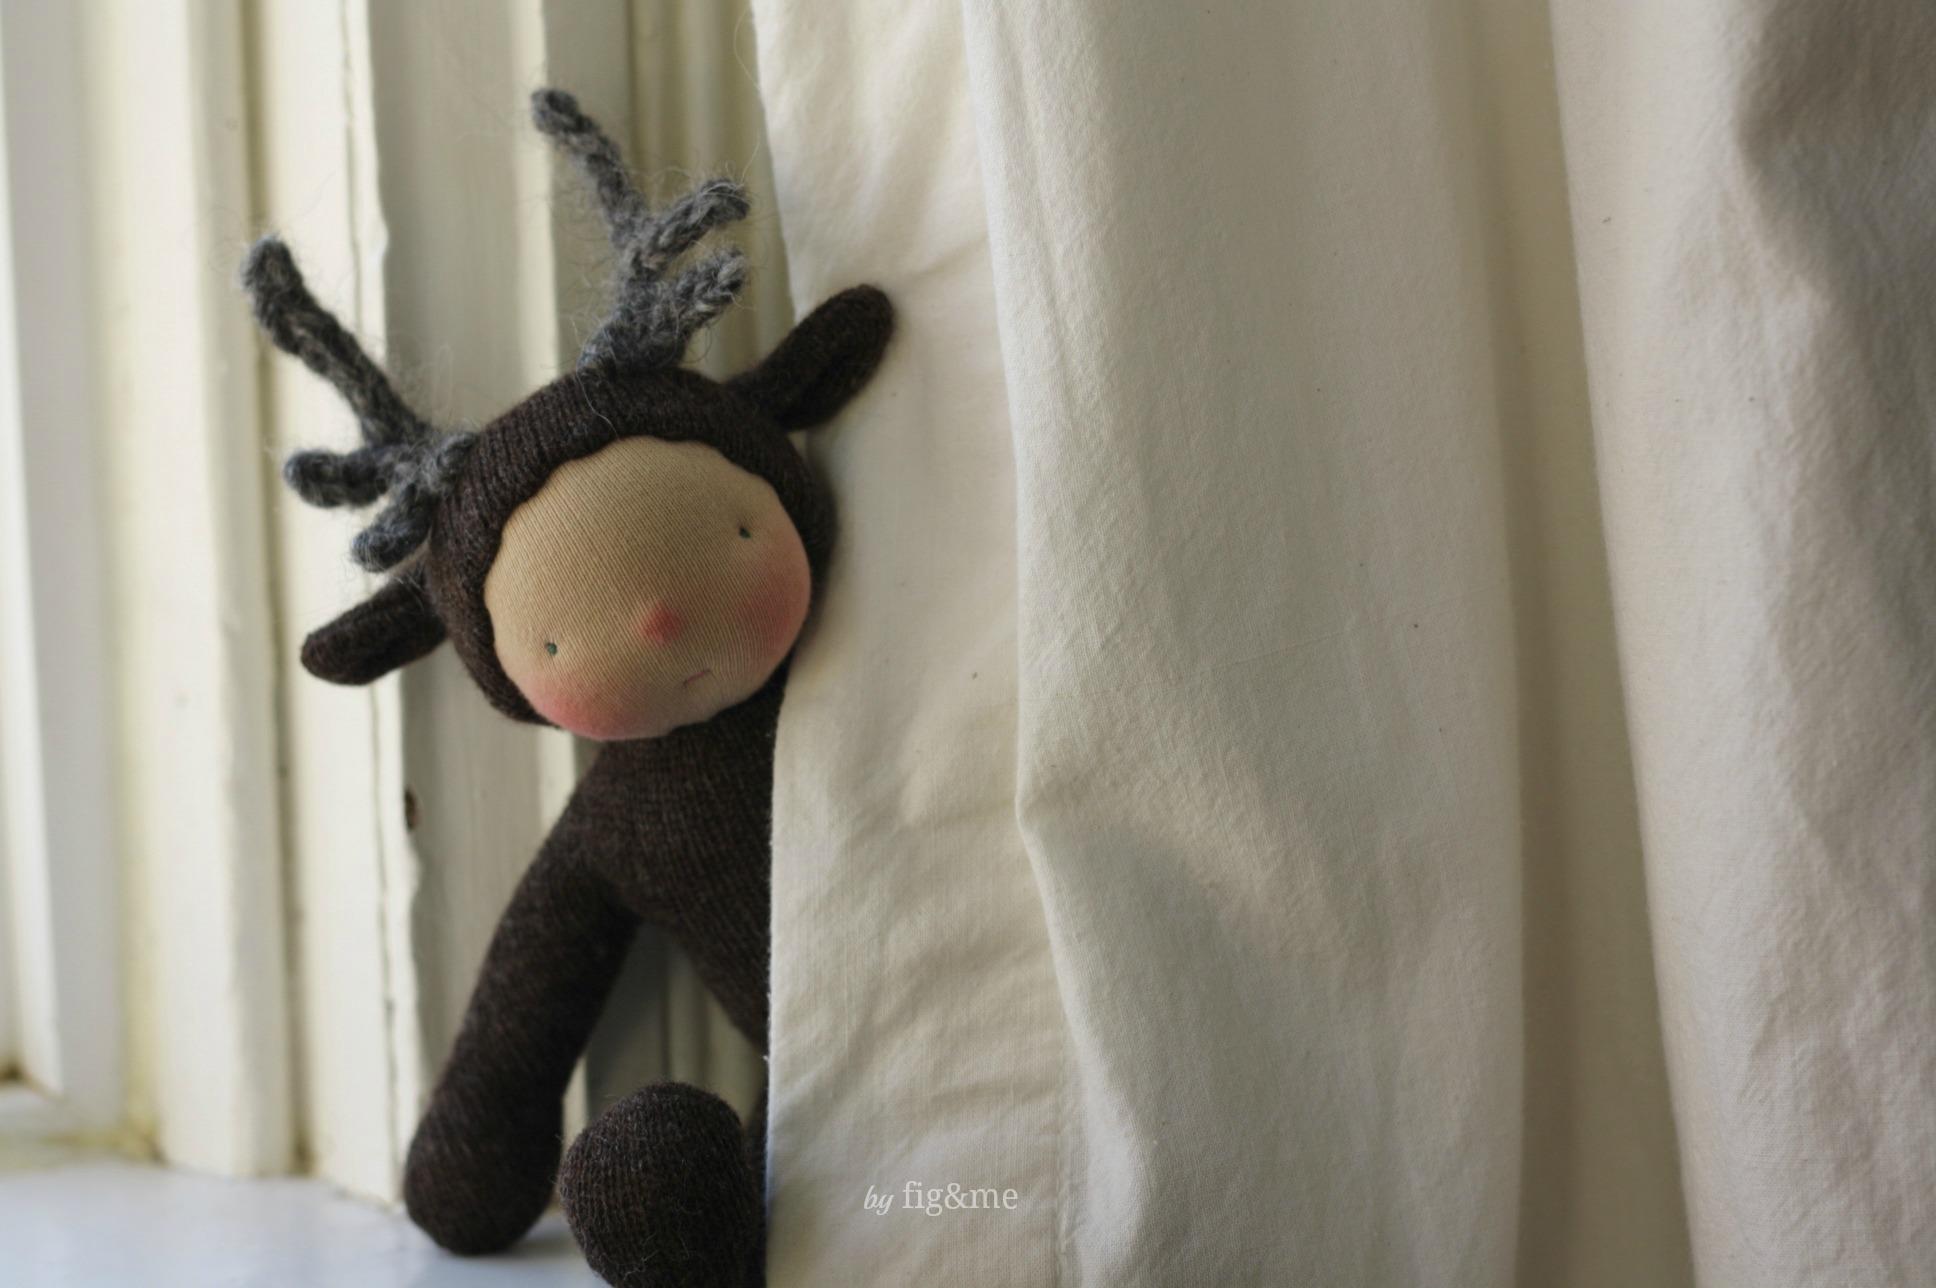 My Wee Baby Reindeer, by Fig&me.